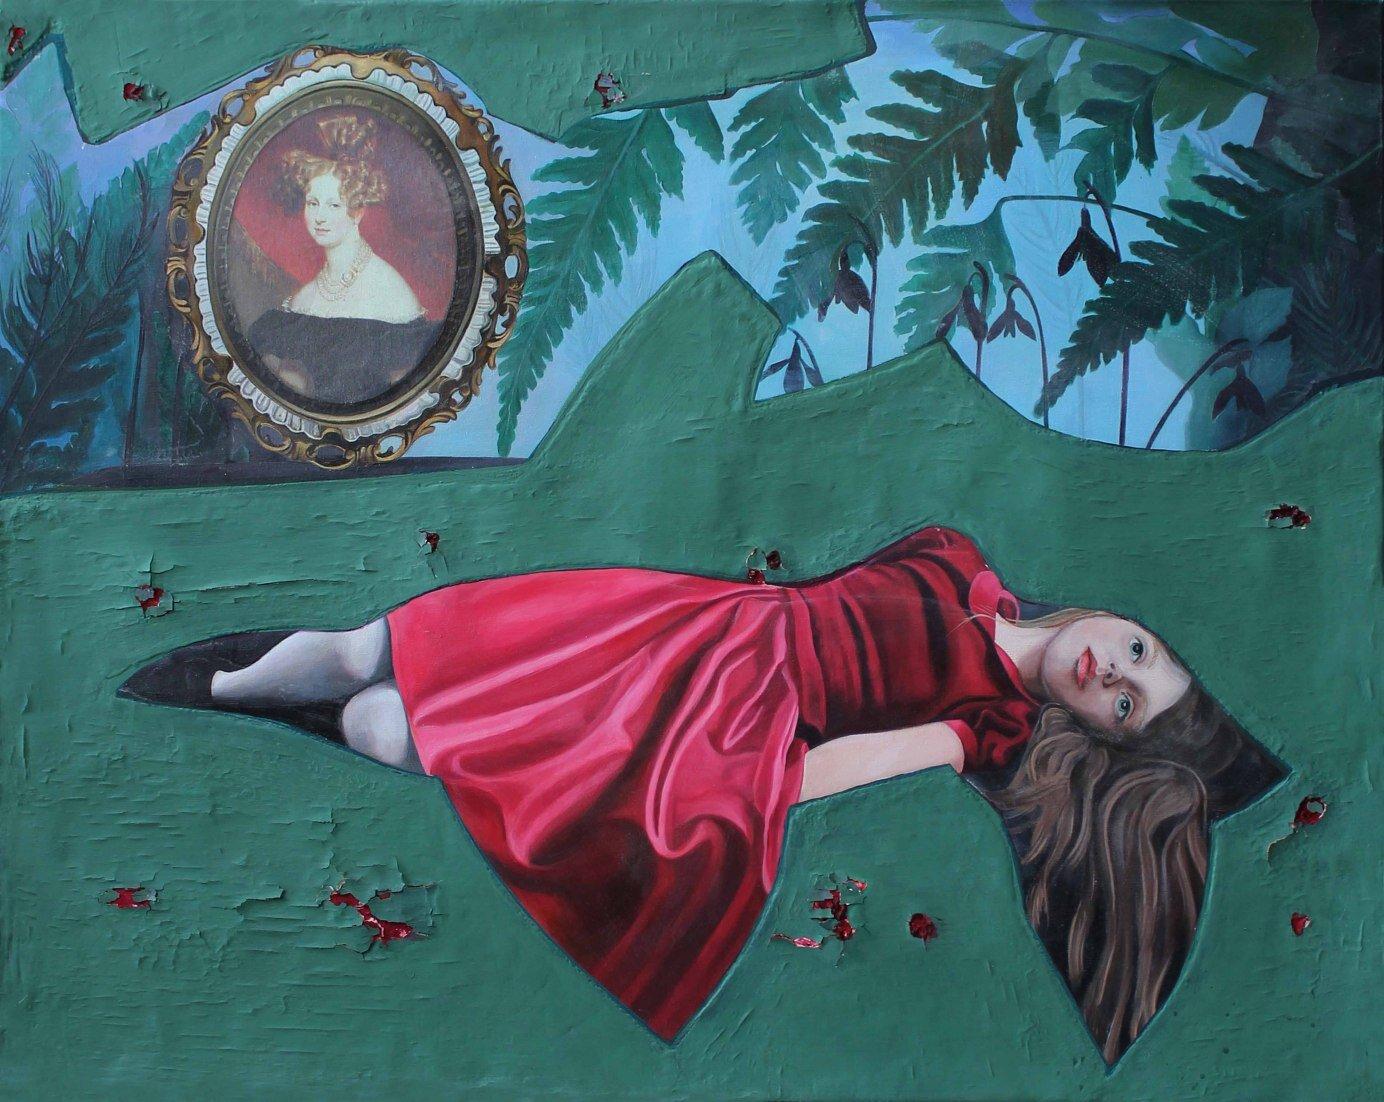 Davalia, 90 x 120 cm, oil on canvas, 2019